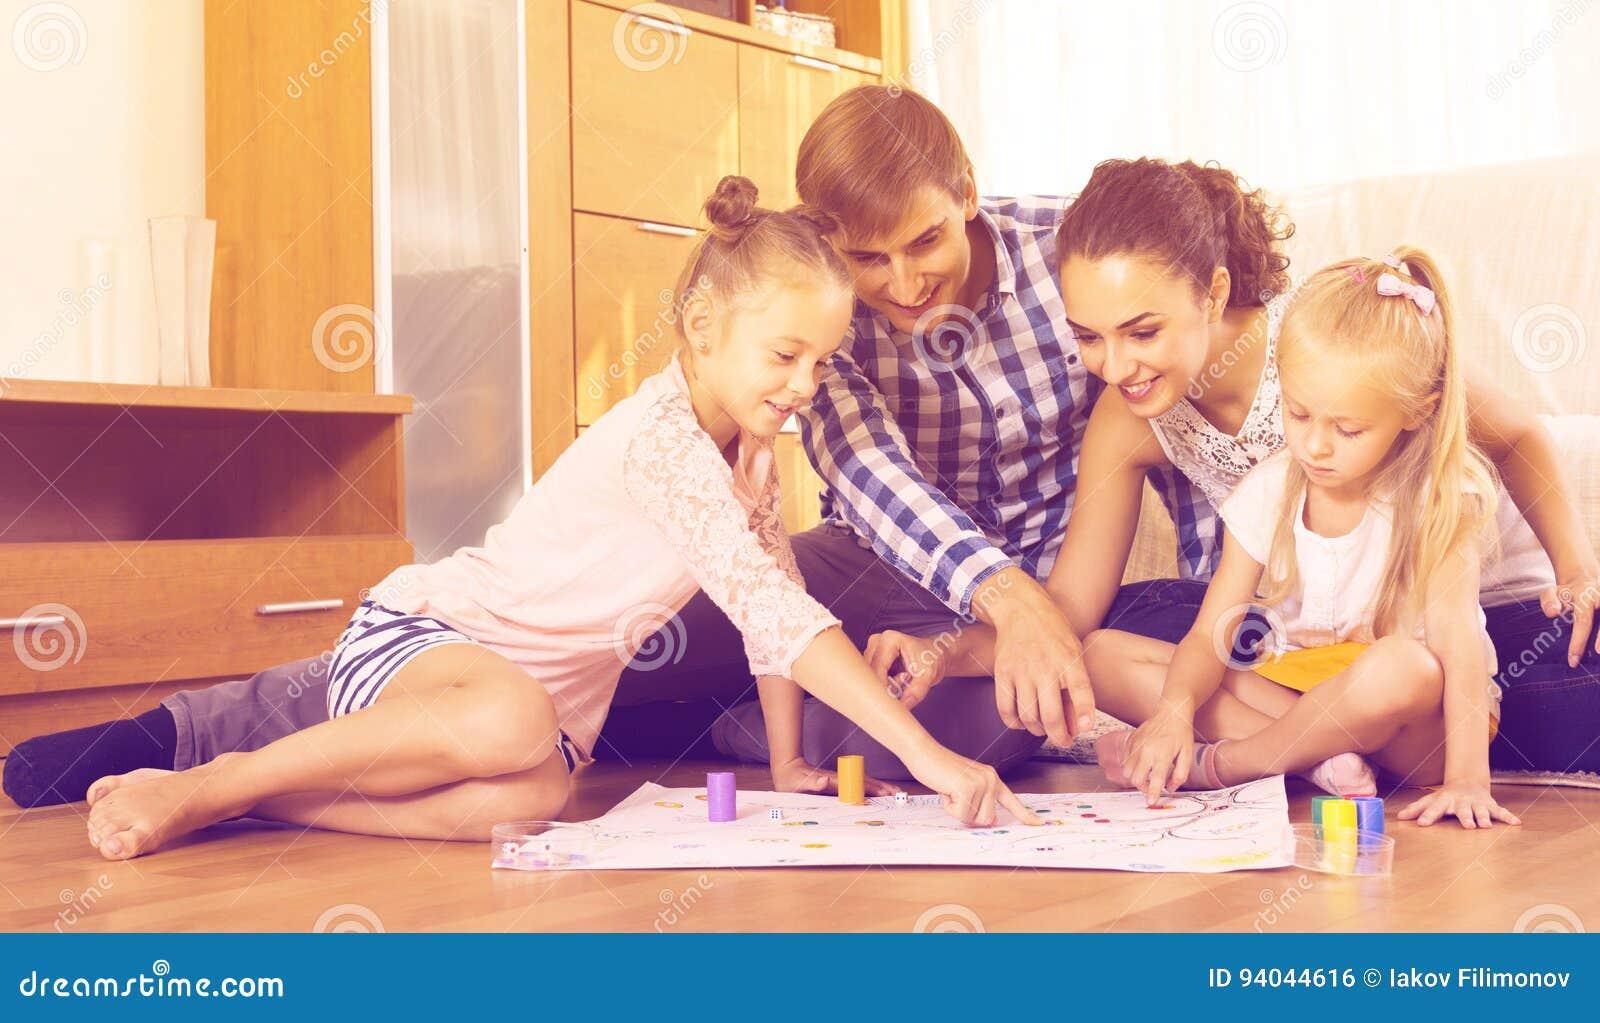 Genitori che giocano con i bambini a casa fotografia stock for Grandi bambini giocano a casa